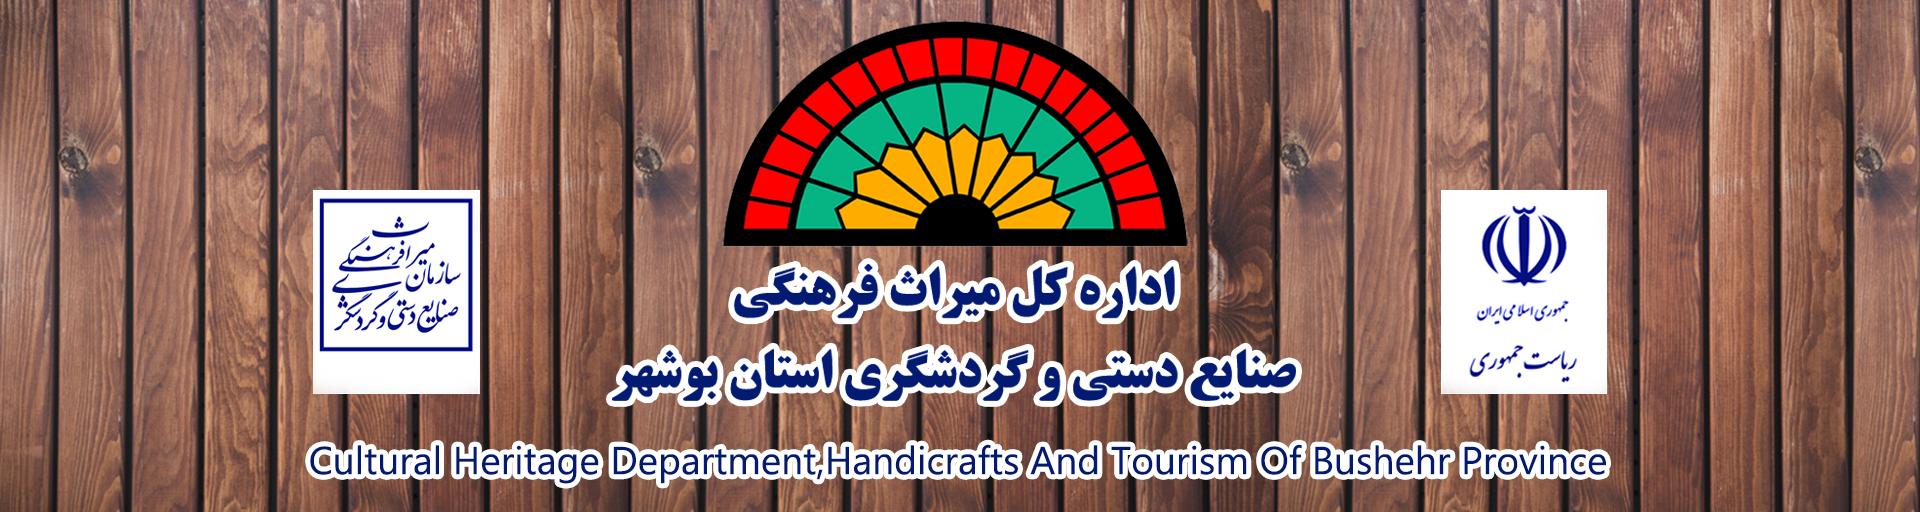 اداره کل میراث فرهنگی,صنایع دستی و گردشگری استان بوشهر